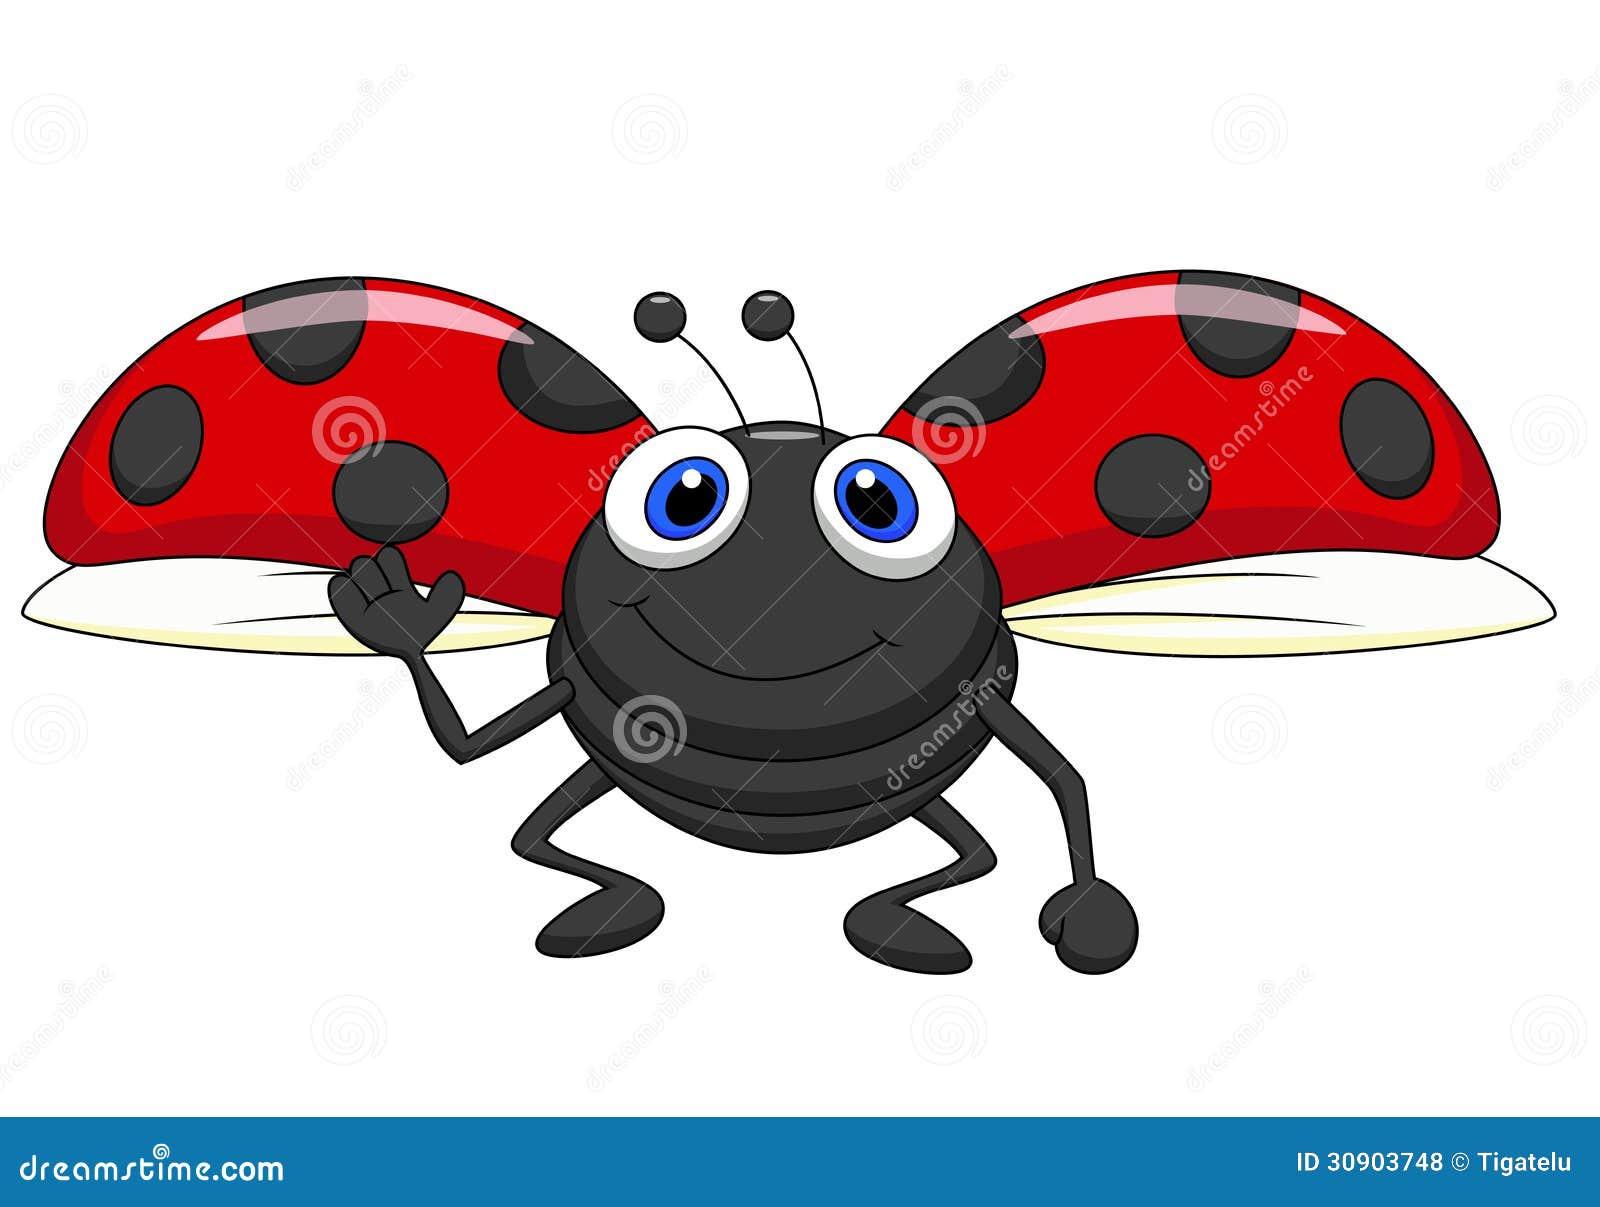 Cute Ladybug Cartoon Flying Royalty Free Stock Photos - Image ...